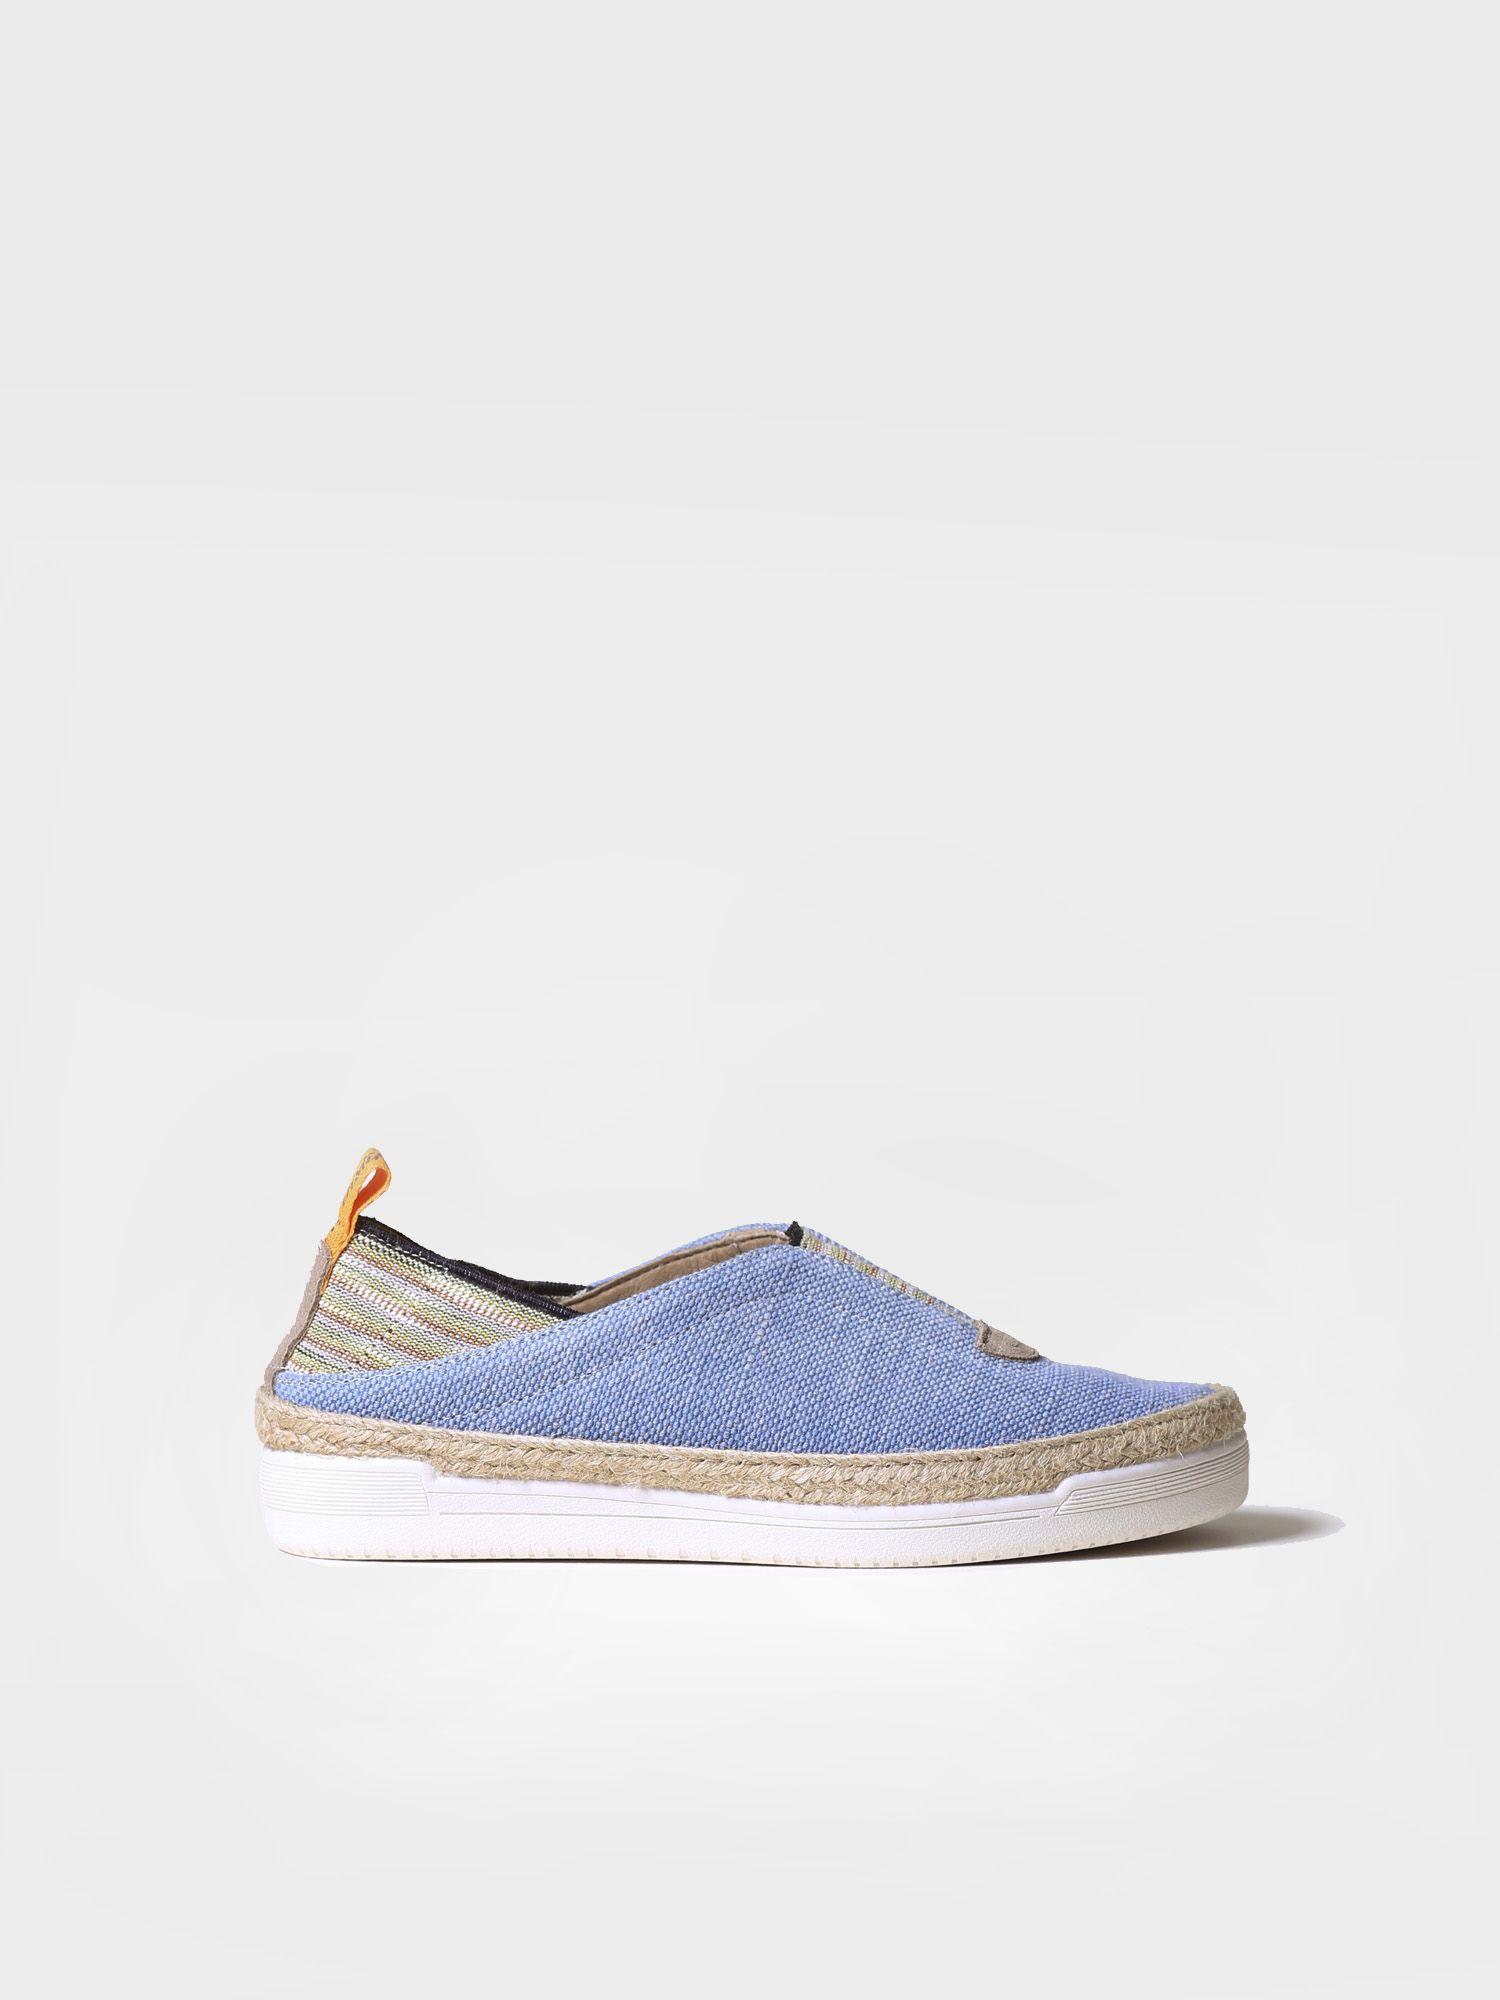 Sports shoes elastic fit - BORN-SU